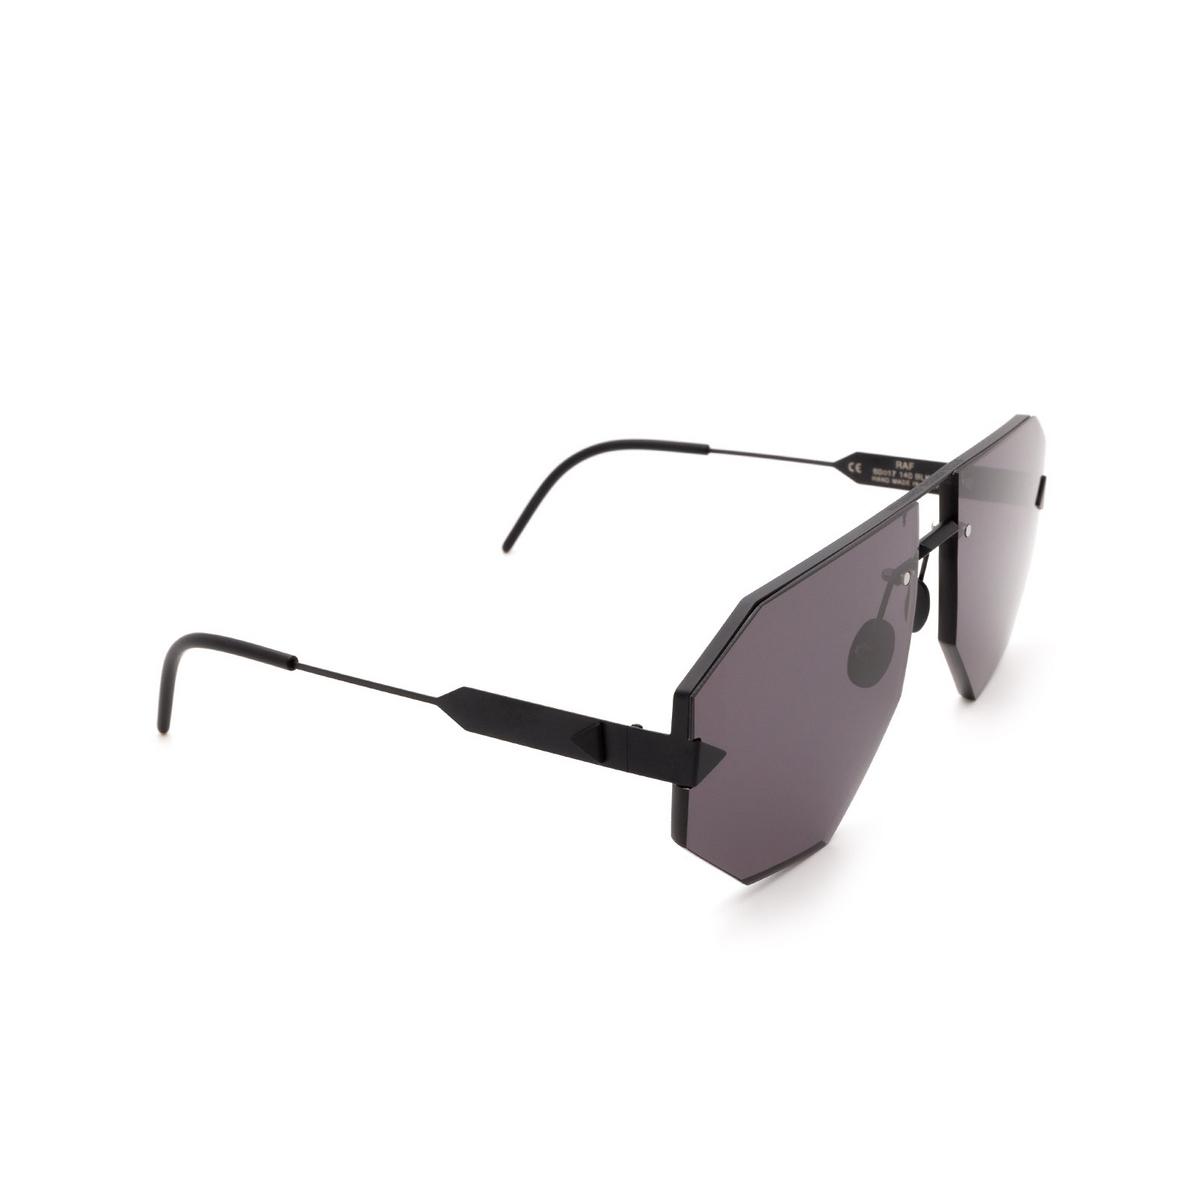 Soya® Irregular Sunglasses: Raf color Matte Black Blk-fs.